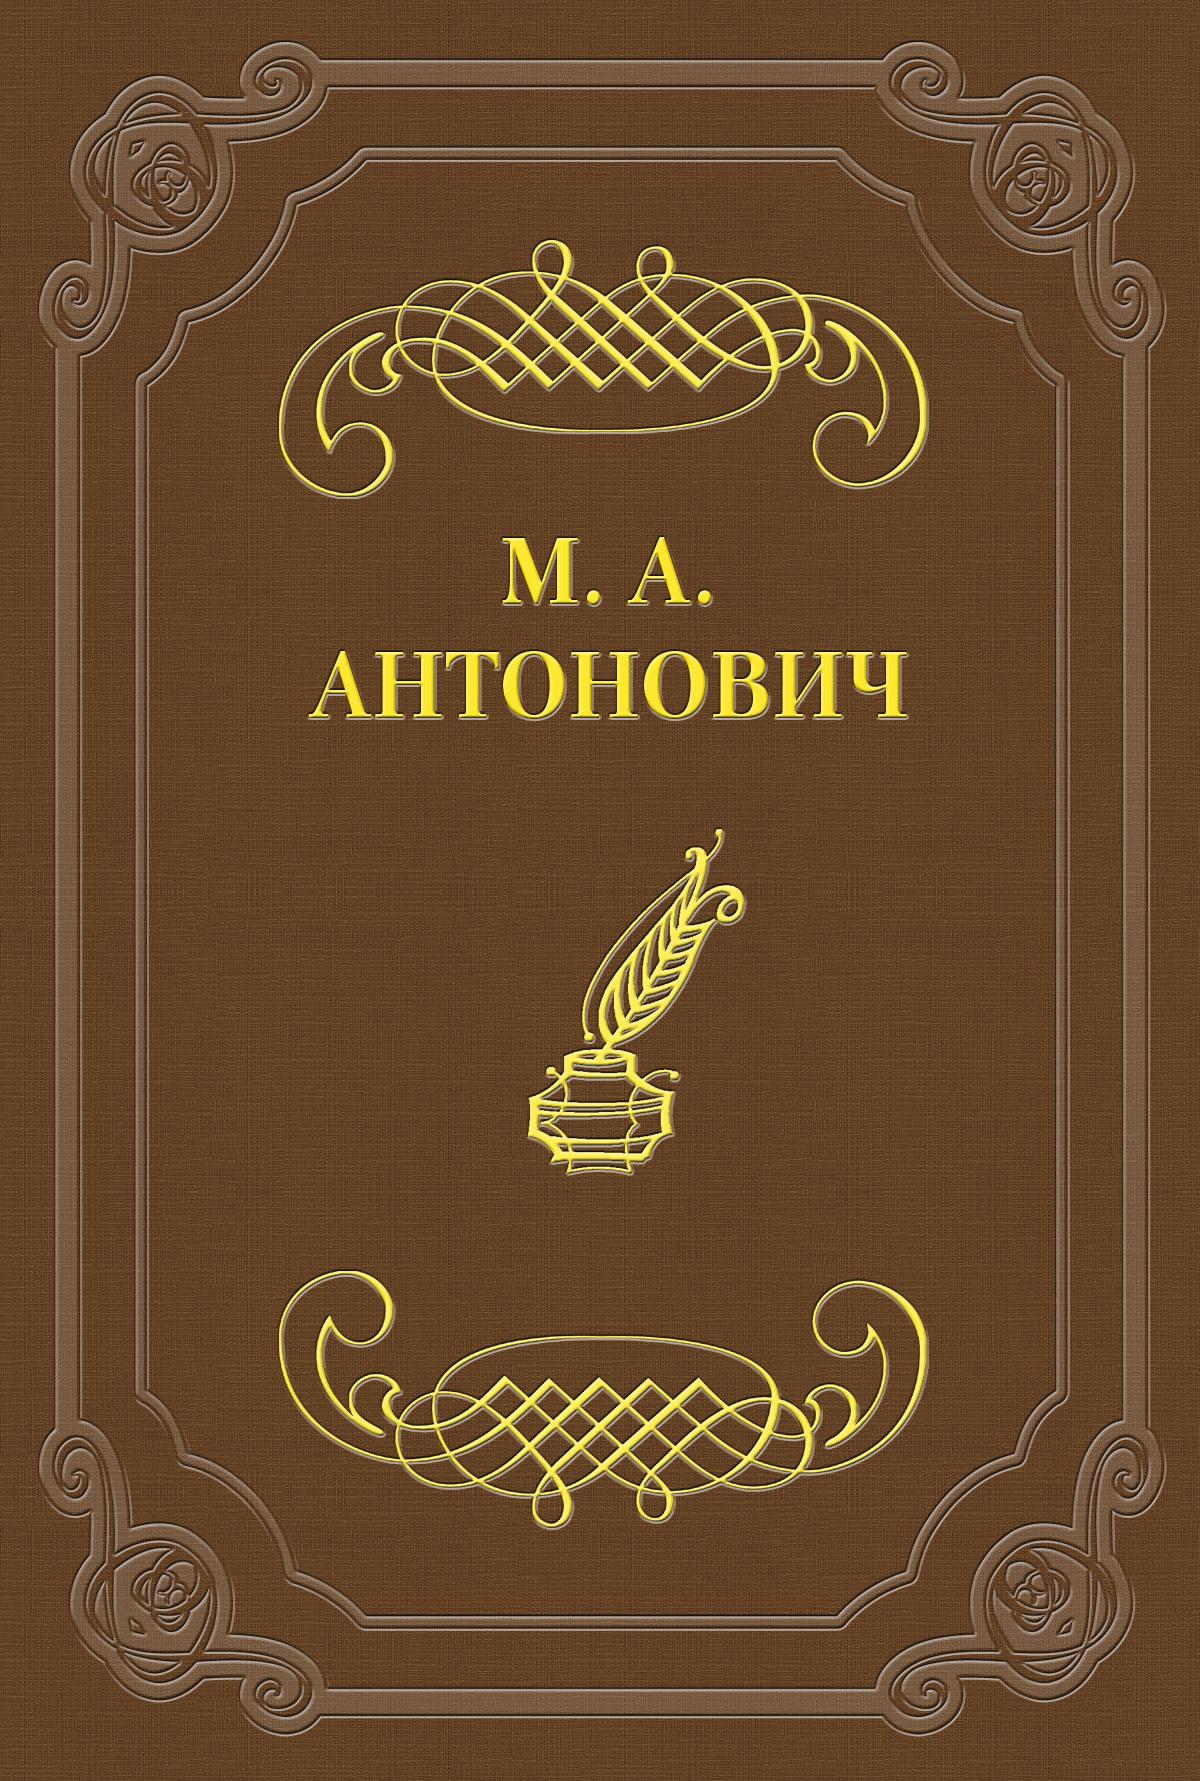 К какой литературе принадлежат стрижи, к петербургской или московской?